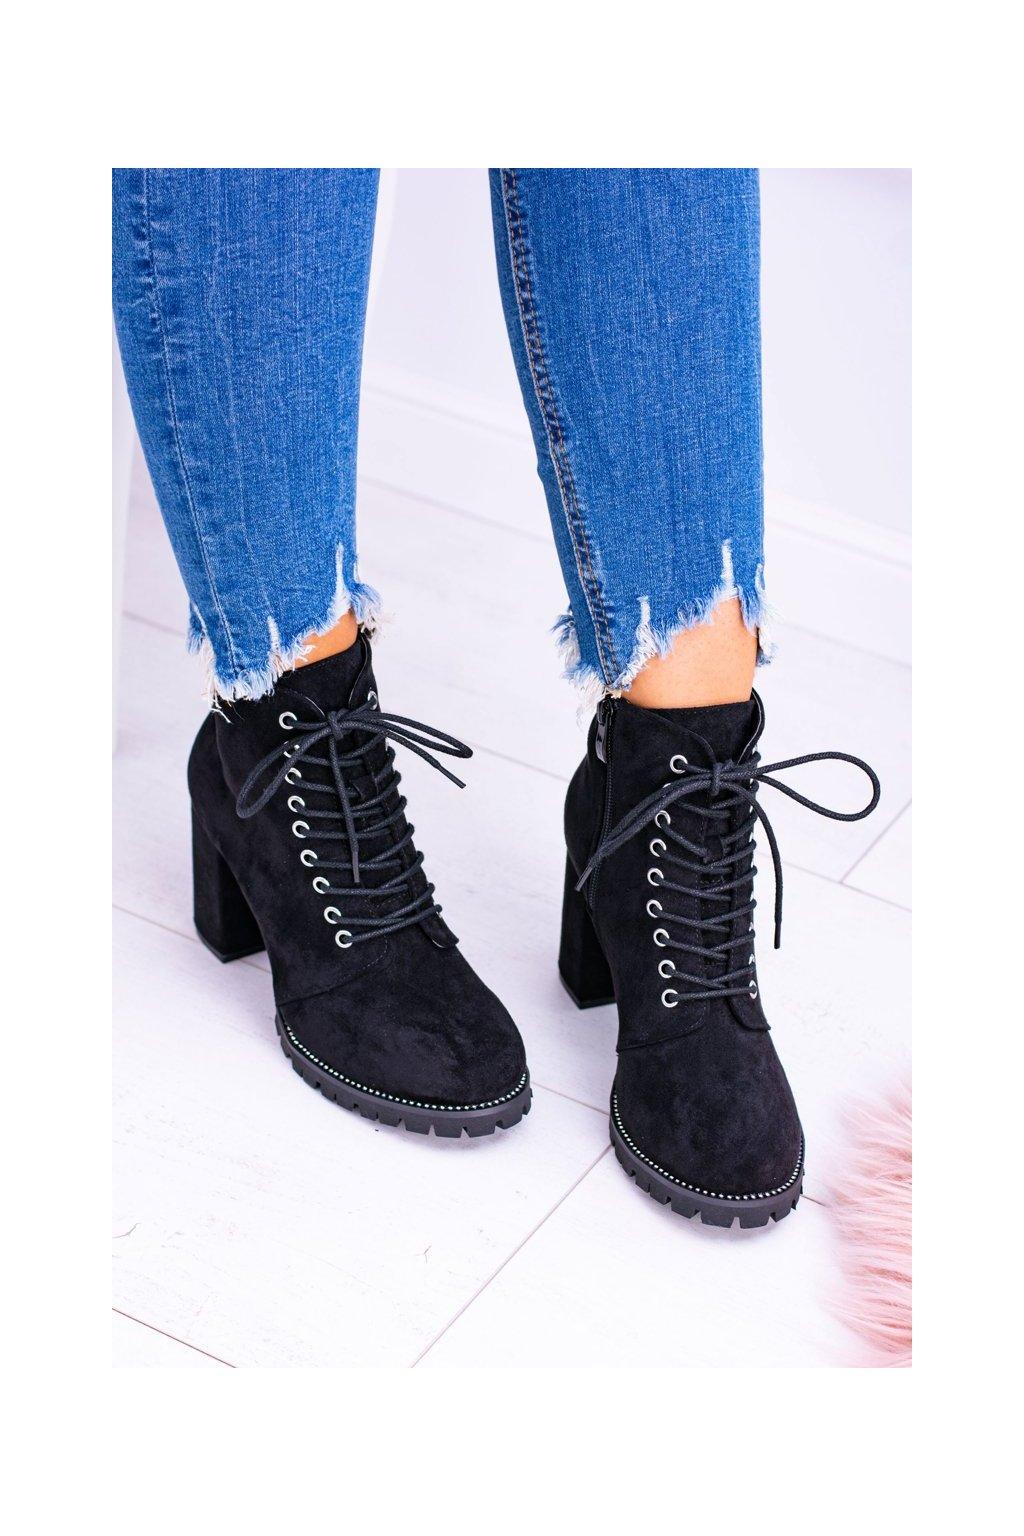 Členkové topánky na podpätku farba čierna kód obuvi XW37380 BLK SUEDE